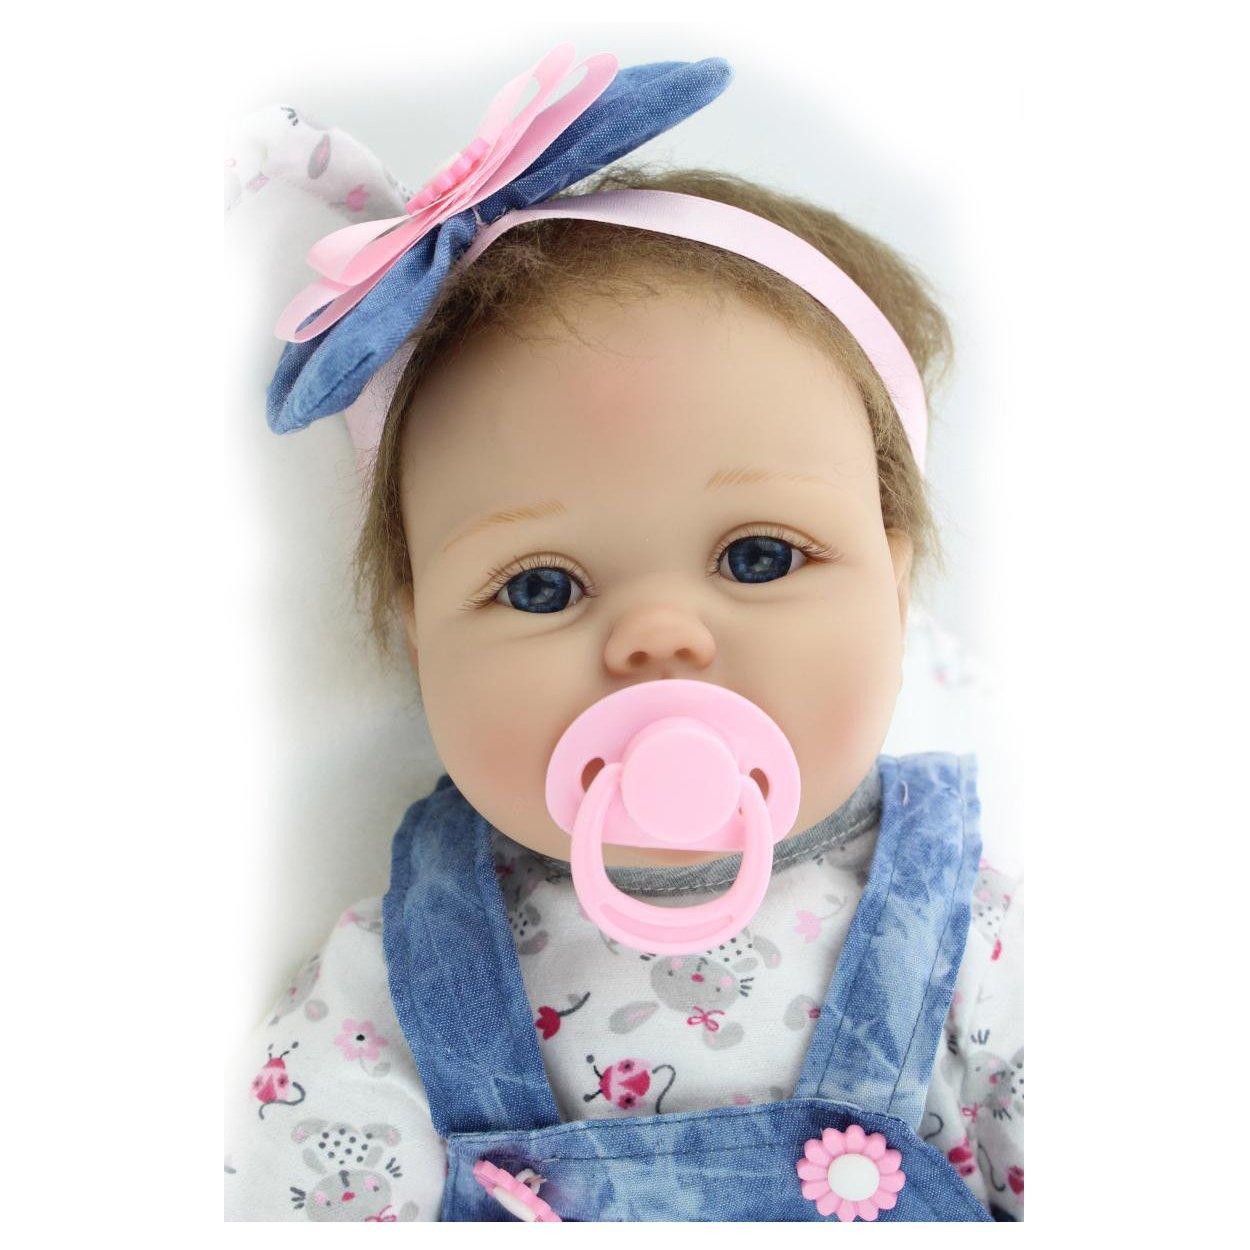 NPK Reborn Baby Puppe Weich Silikon Vinyl 22inch 55cm Magnetisch Mund Naturgetreue Jungen Mädchen Spielzeug Dolls toys